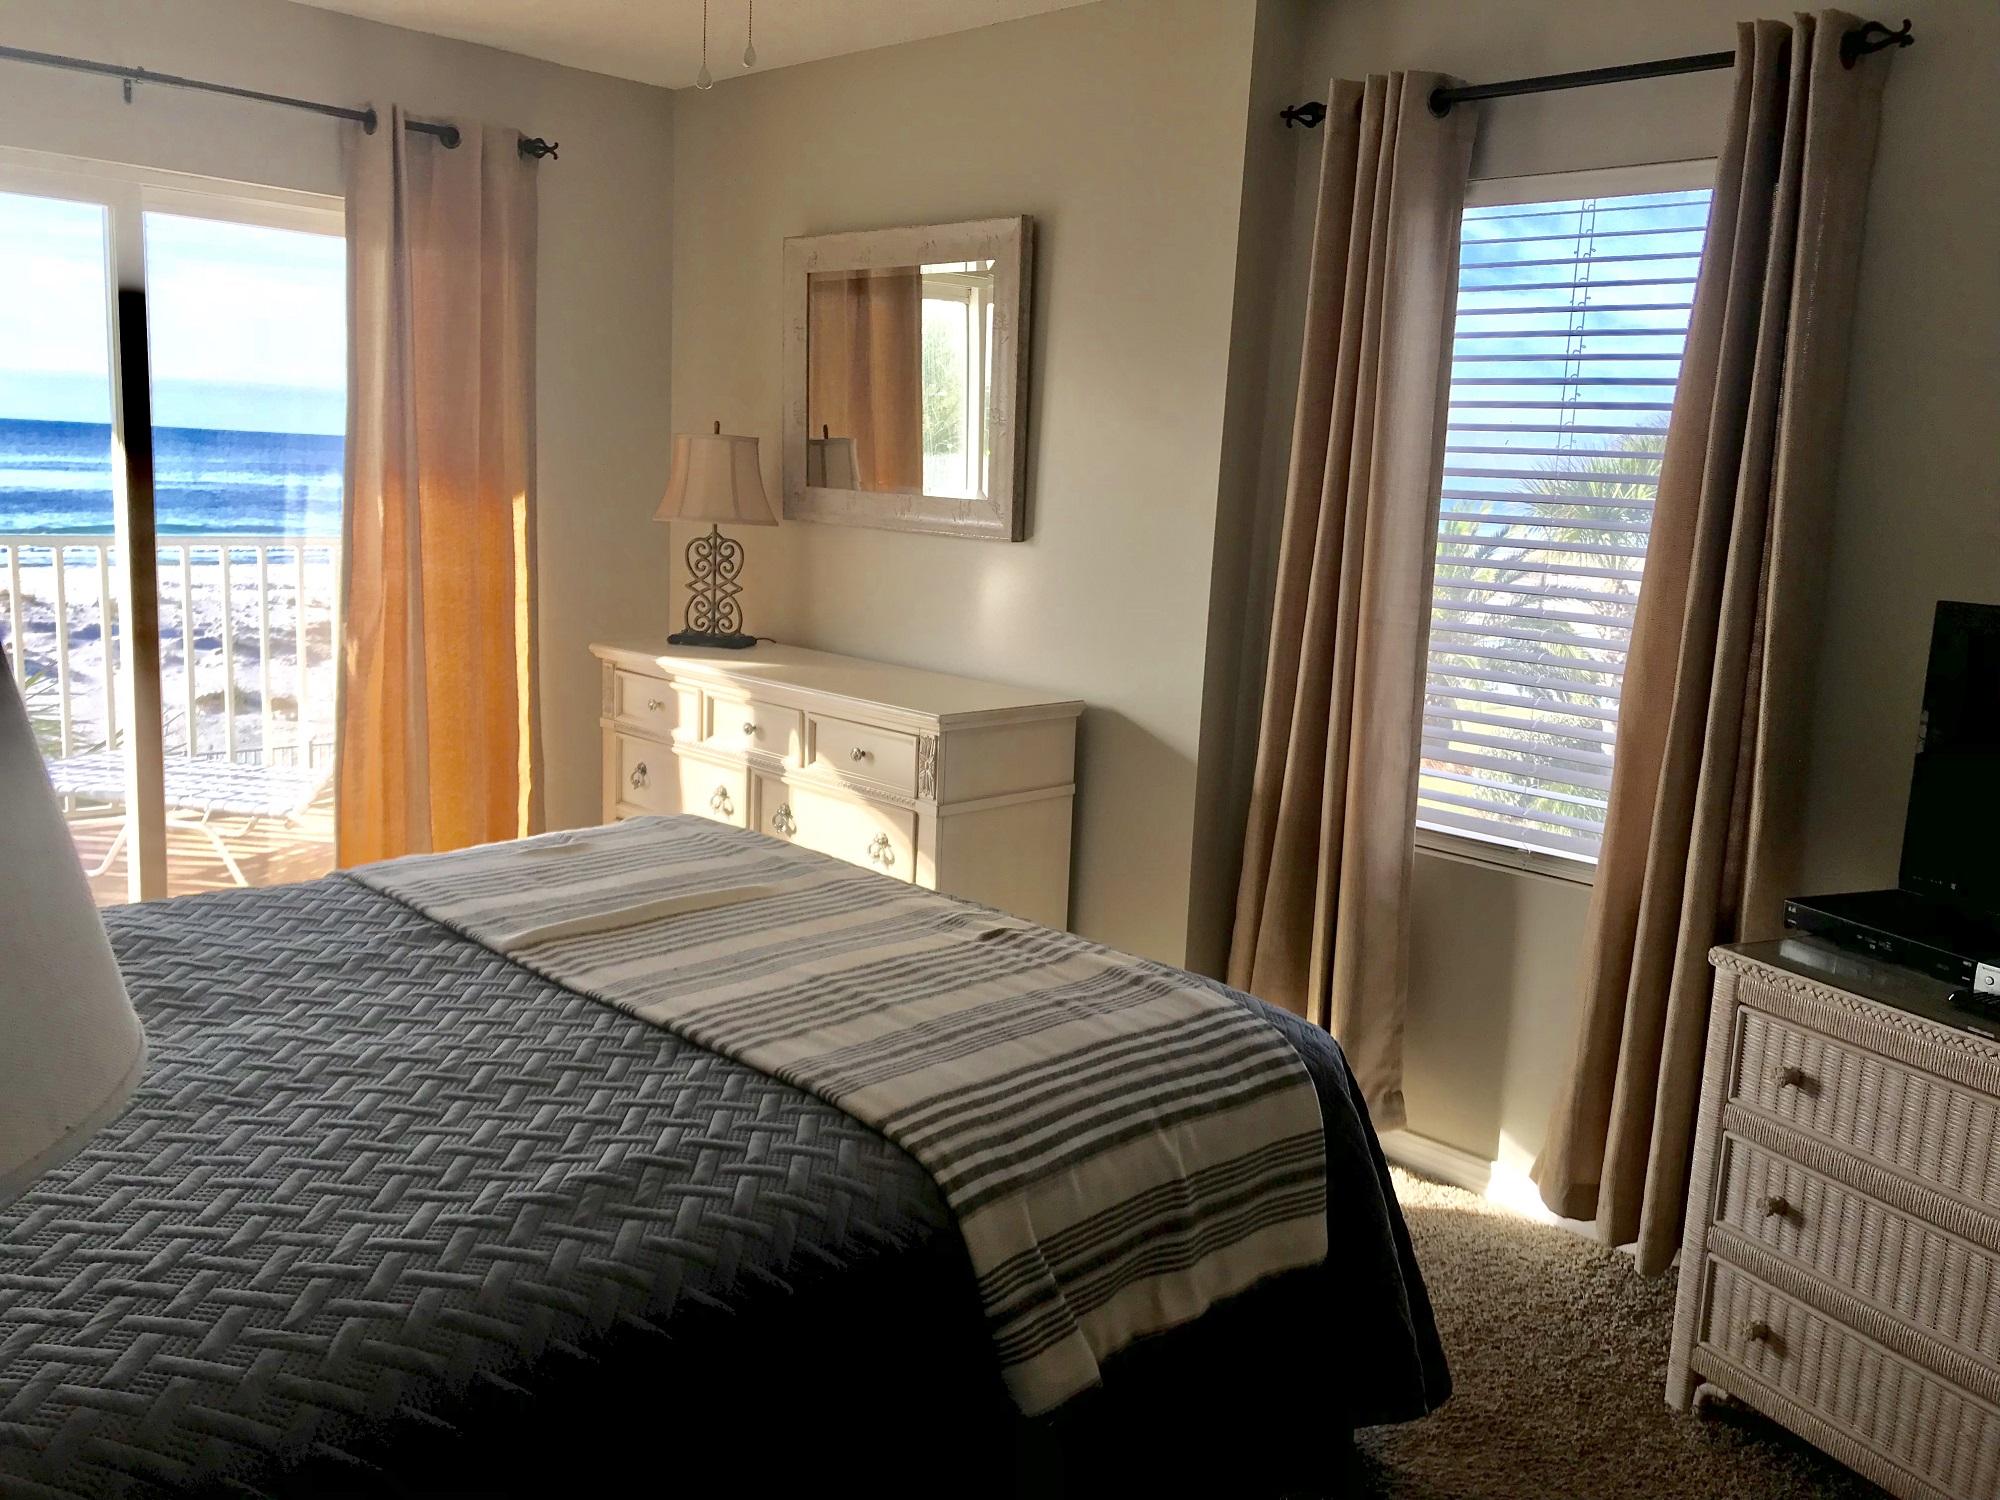 Ocean House 1206 Condo rental in Ocean House - Gulf Shores in Gulf Shores Alabama - #15